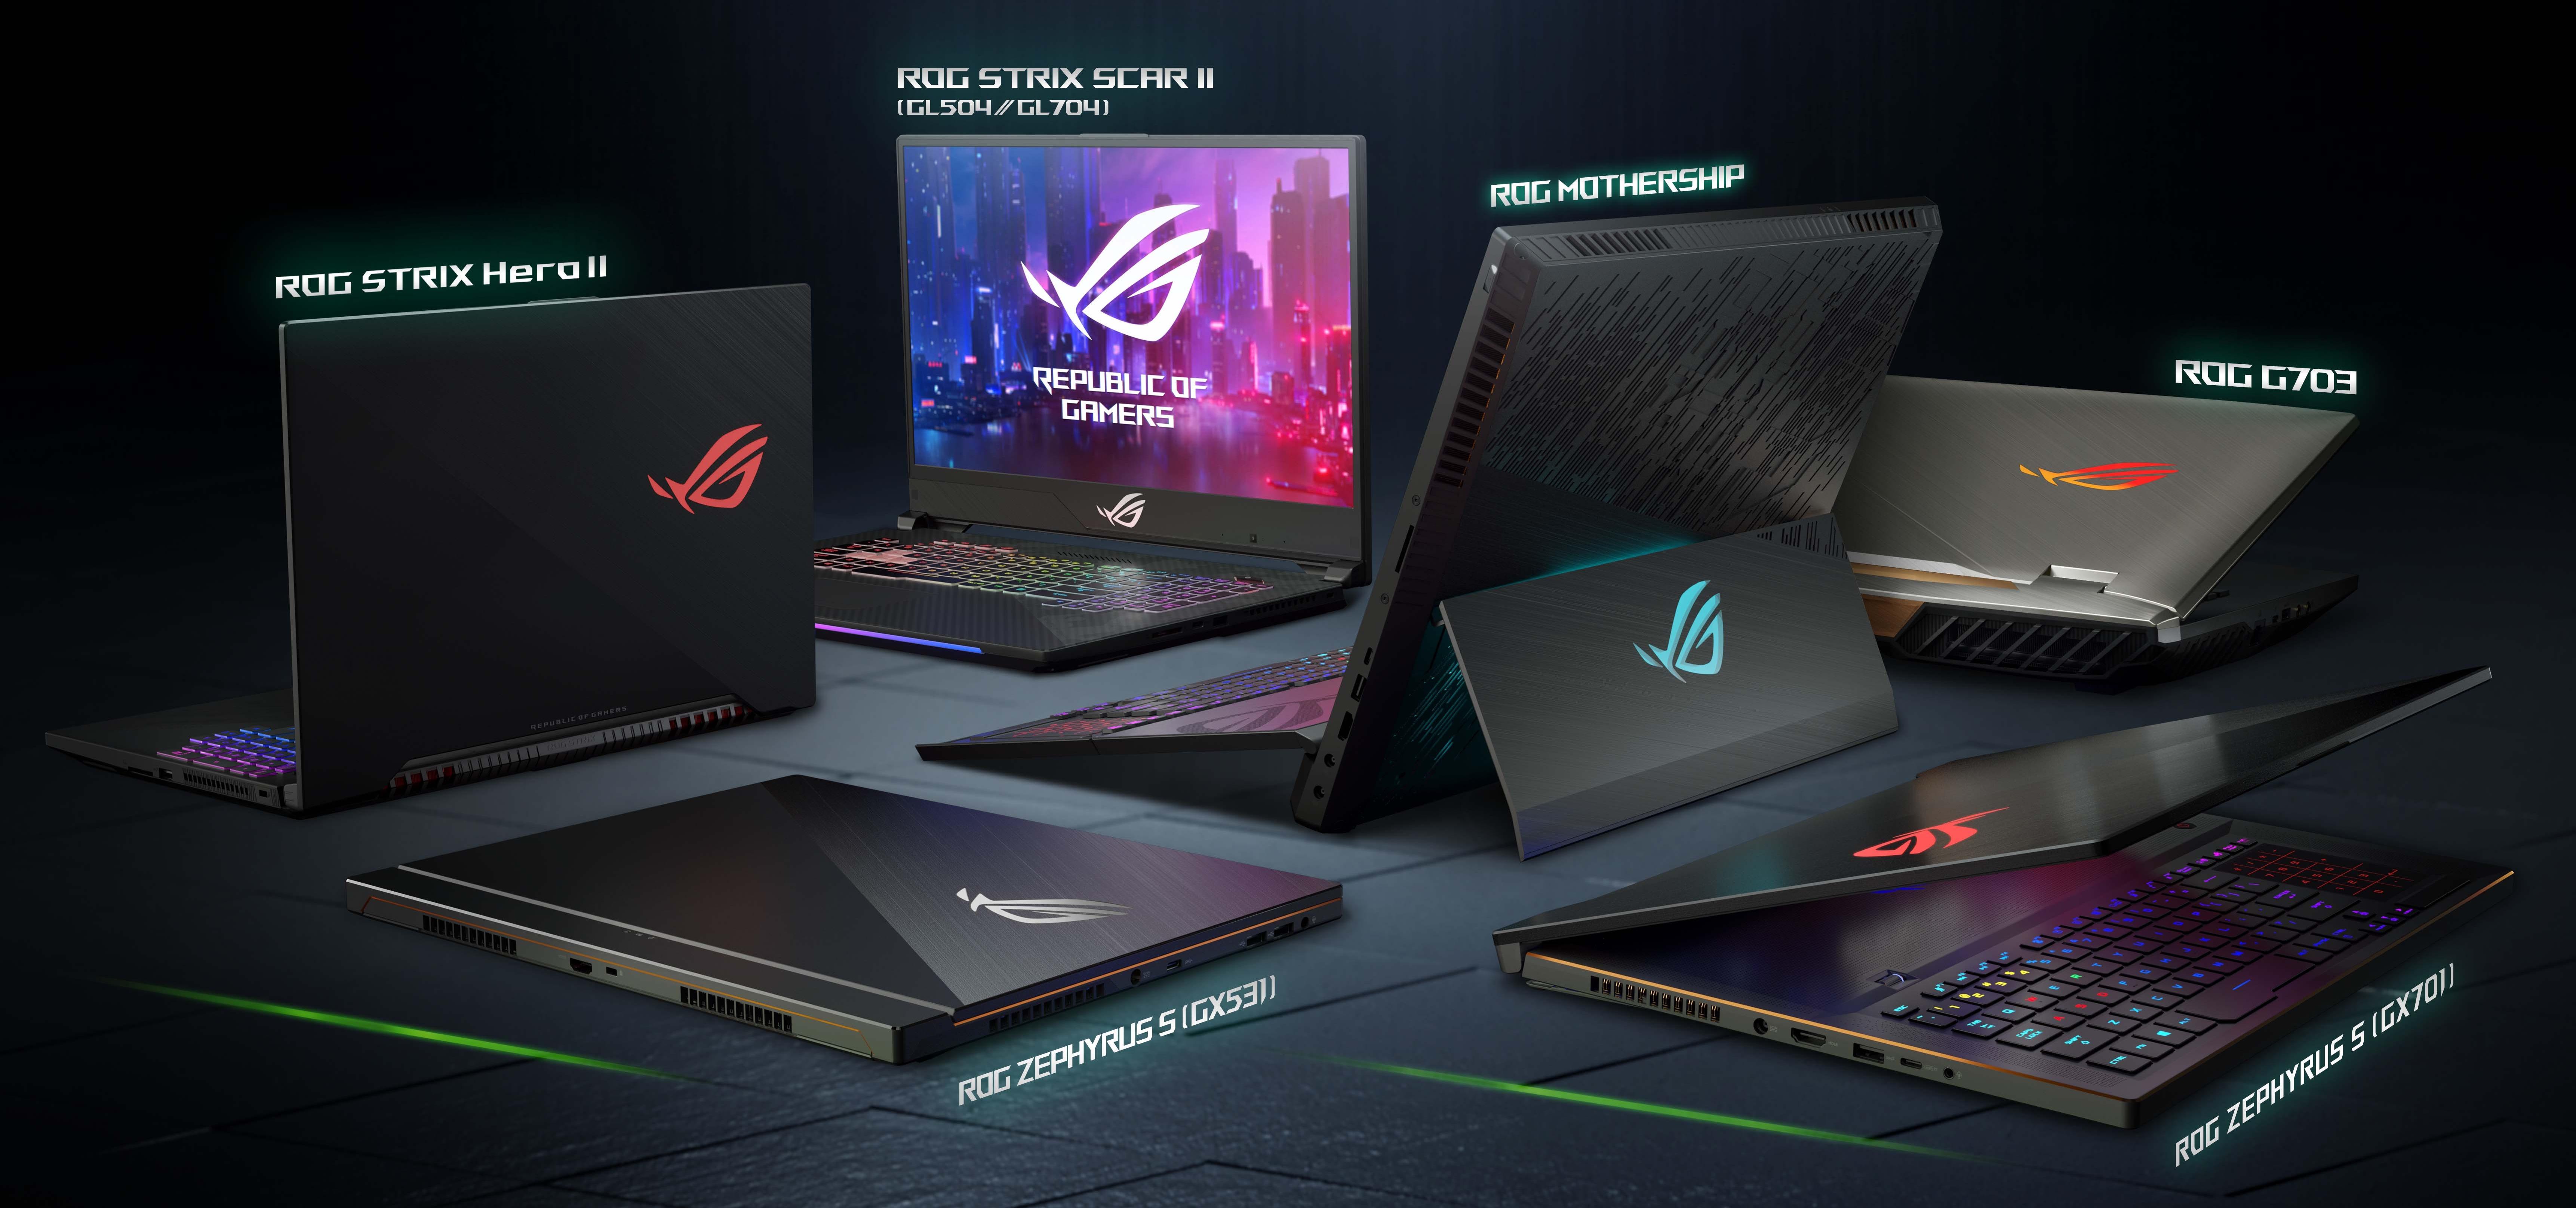 ASUS Republic of Gamers prezentuje najnowszą serię laptopów gamingowych na targach CES 2019